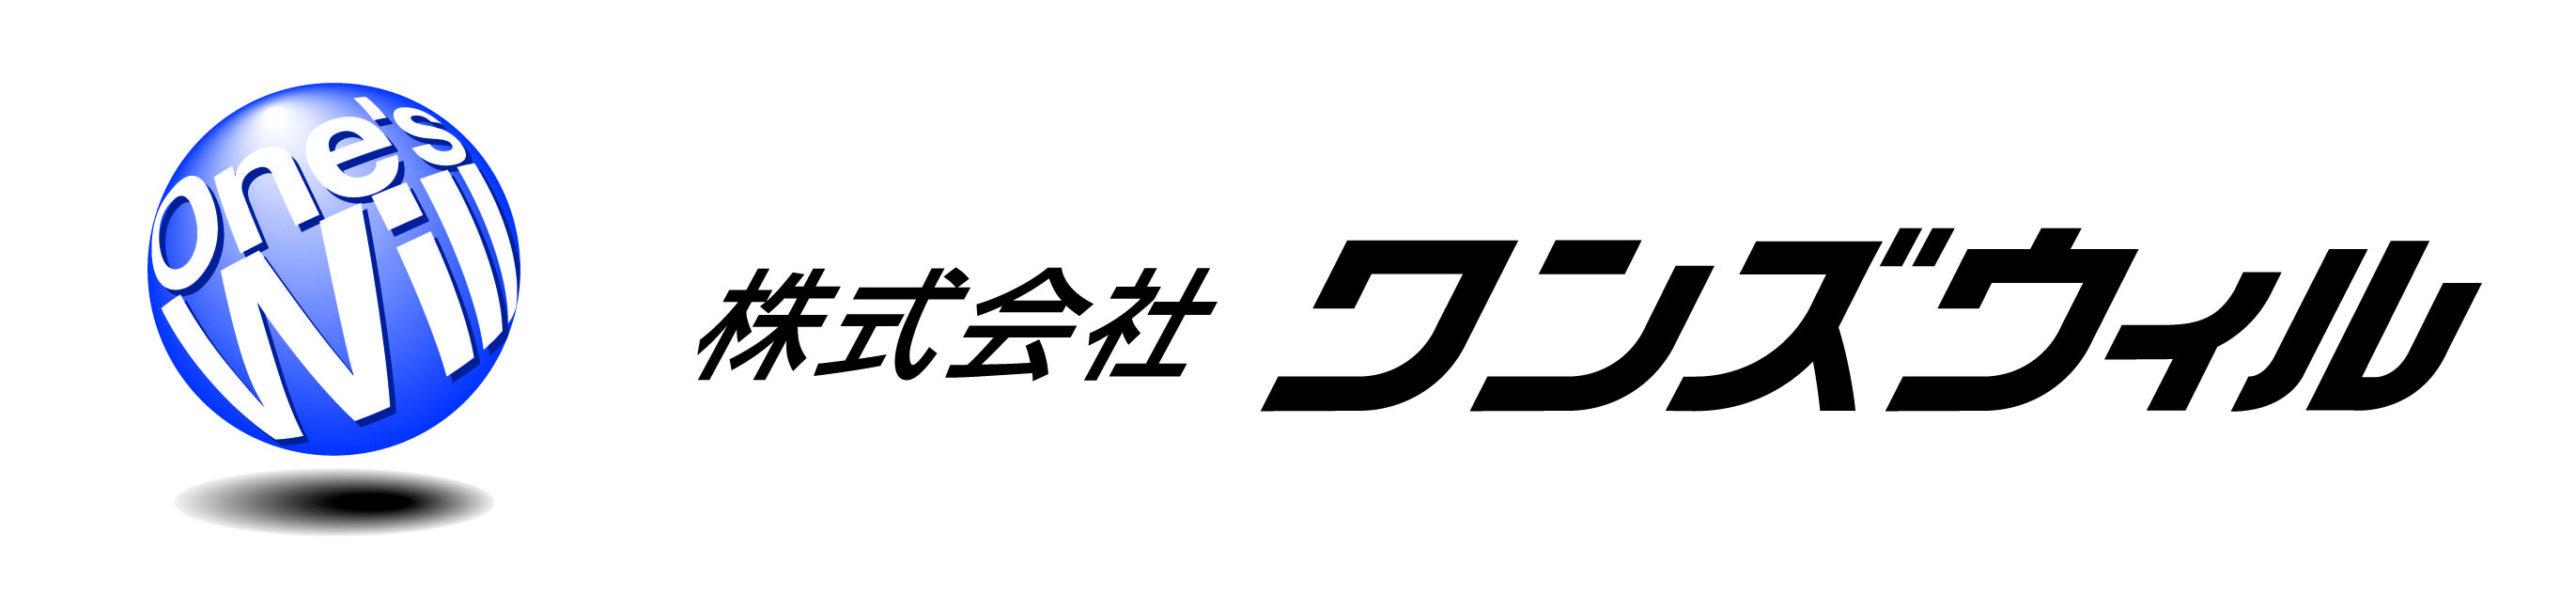 株式会社 ワンズウィル